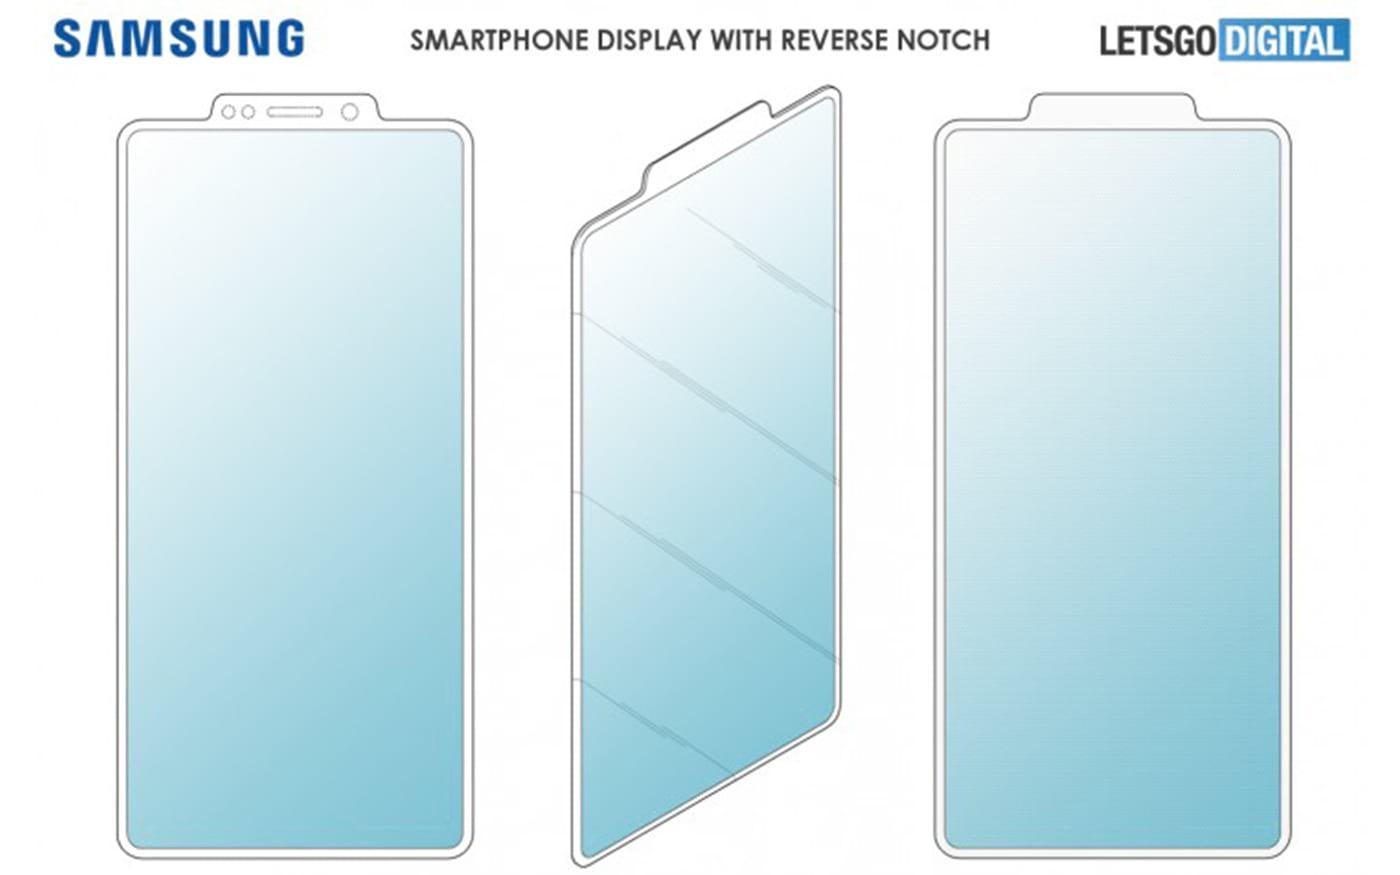 Samsung registra patente de smartphone com entalhe reverso